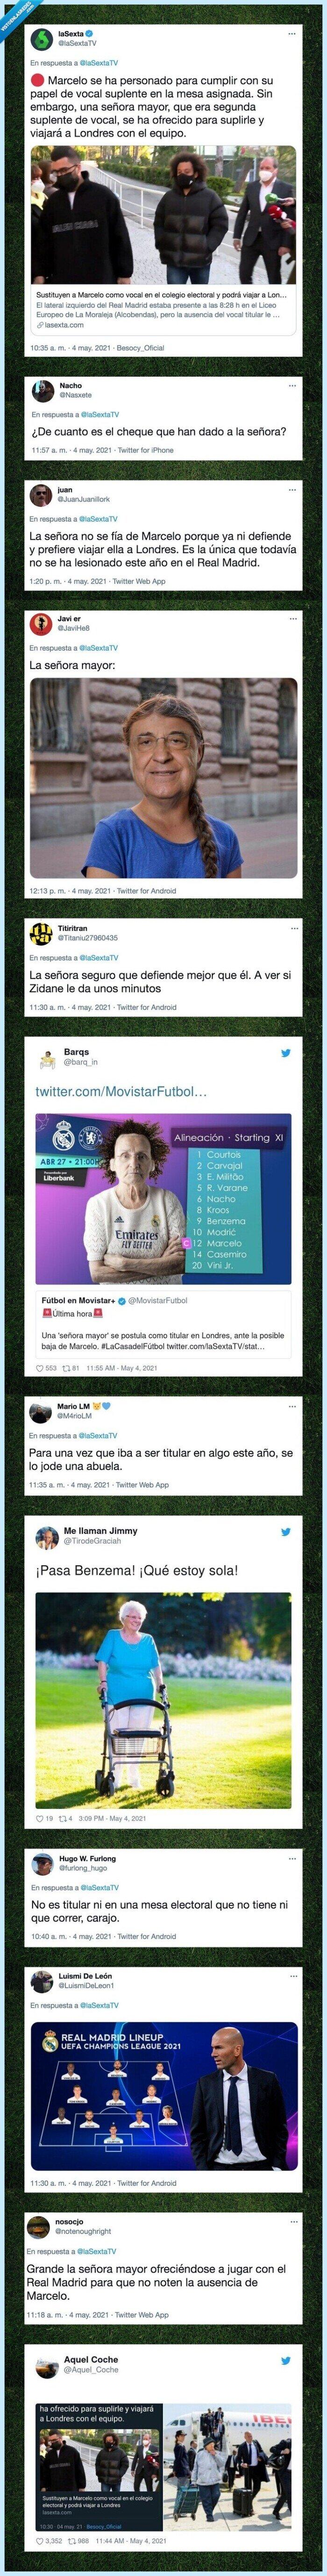 madrid,marcelo,real madrid,señora mayor,urnas,votaciones